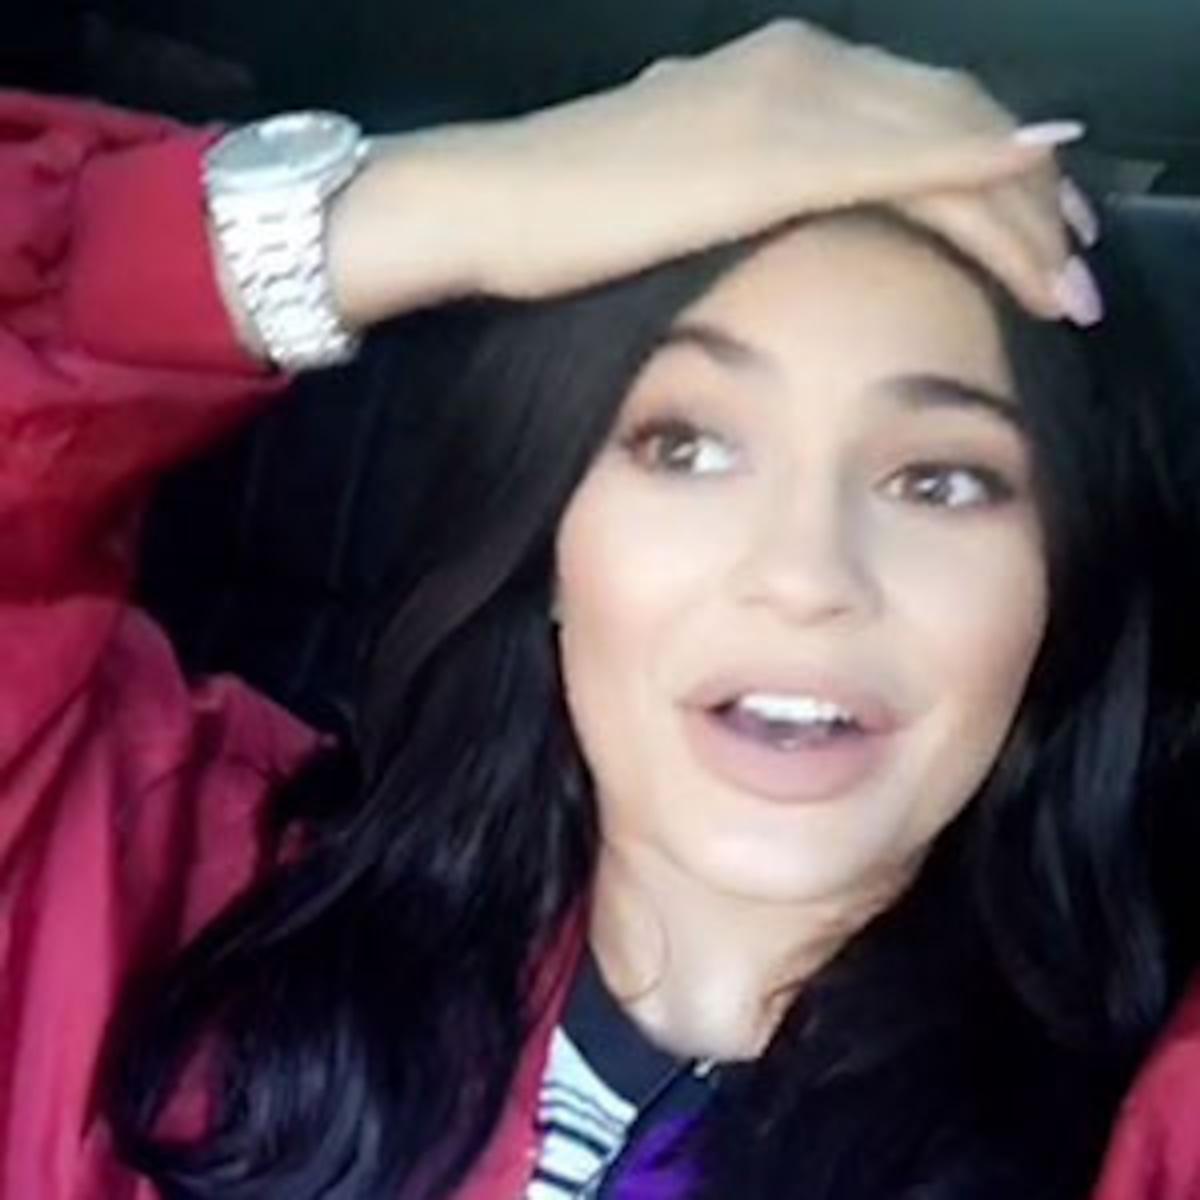 Tape kylie jenner Kylie Jenner